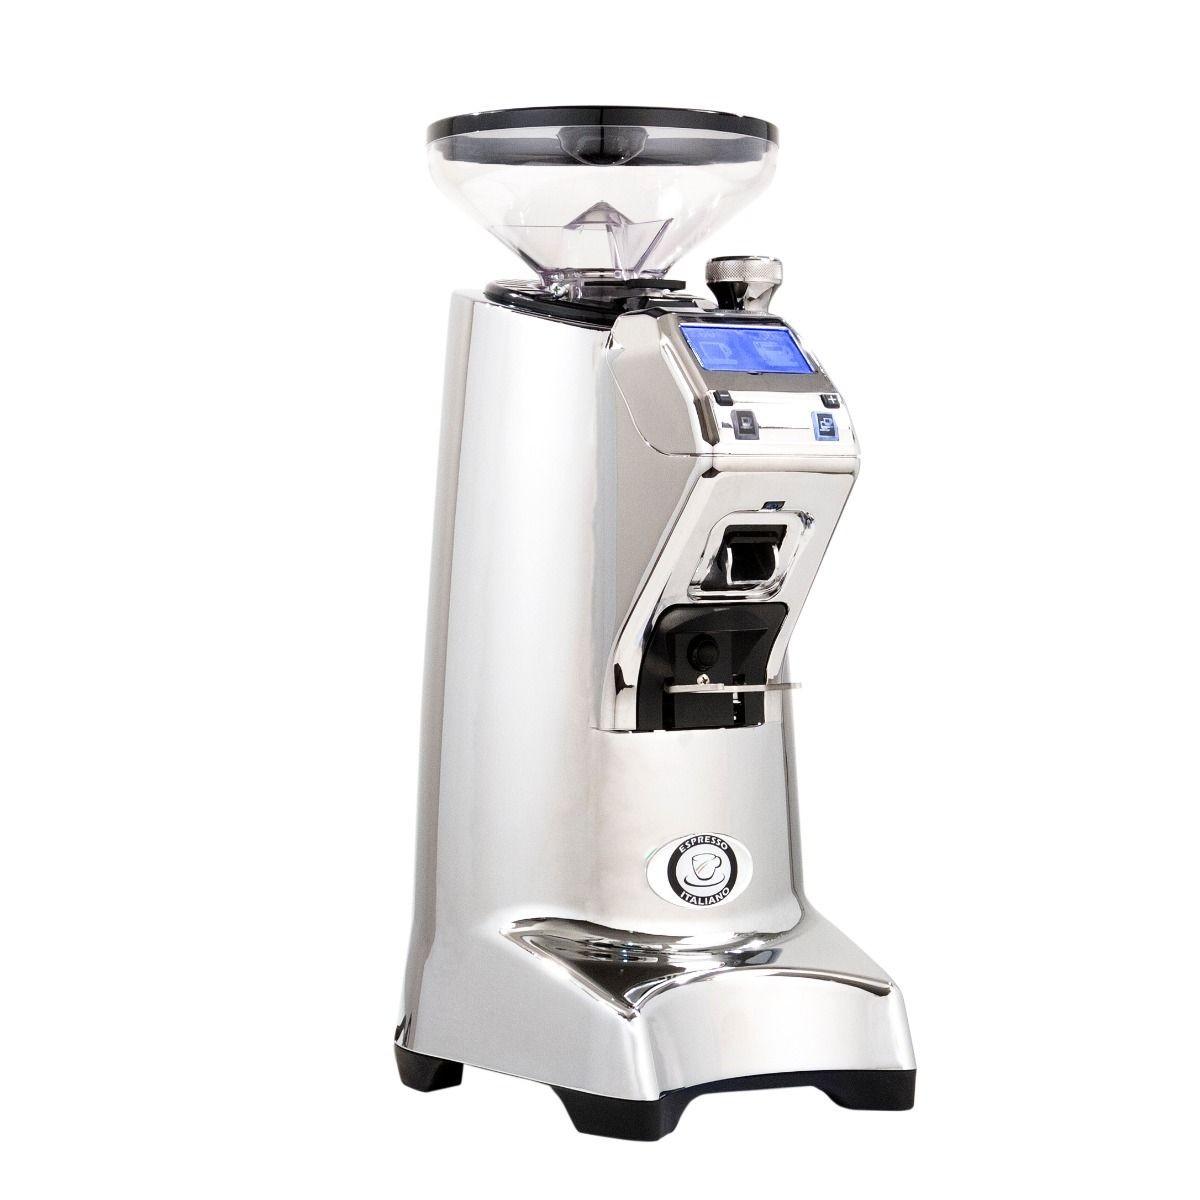 Originální násypka na kávu o objemu 300 gramů pro mlýnky EUREKA, pro modely ZENITH 65 (65High -Speed) a Olympus 75 (75 High-Speed)